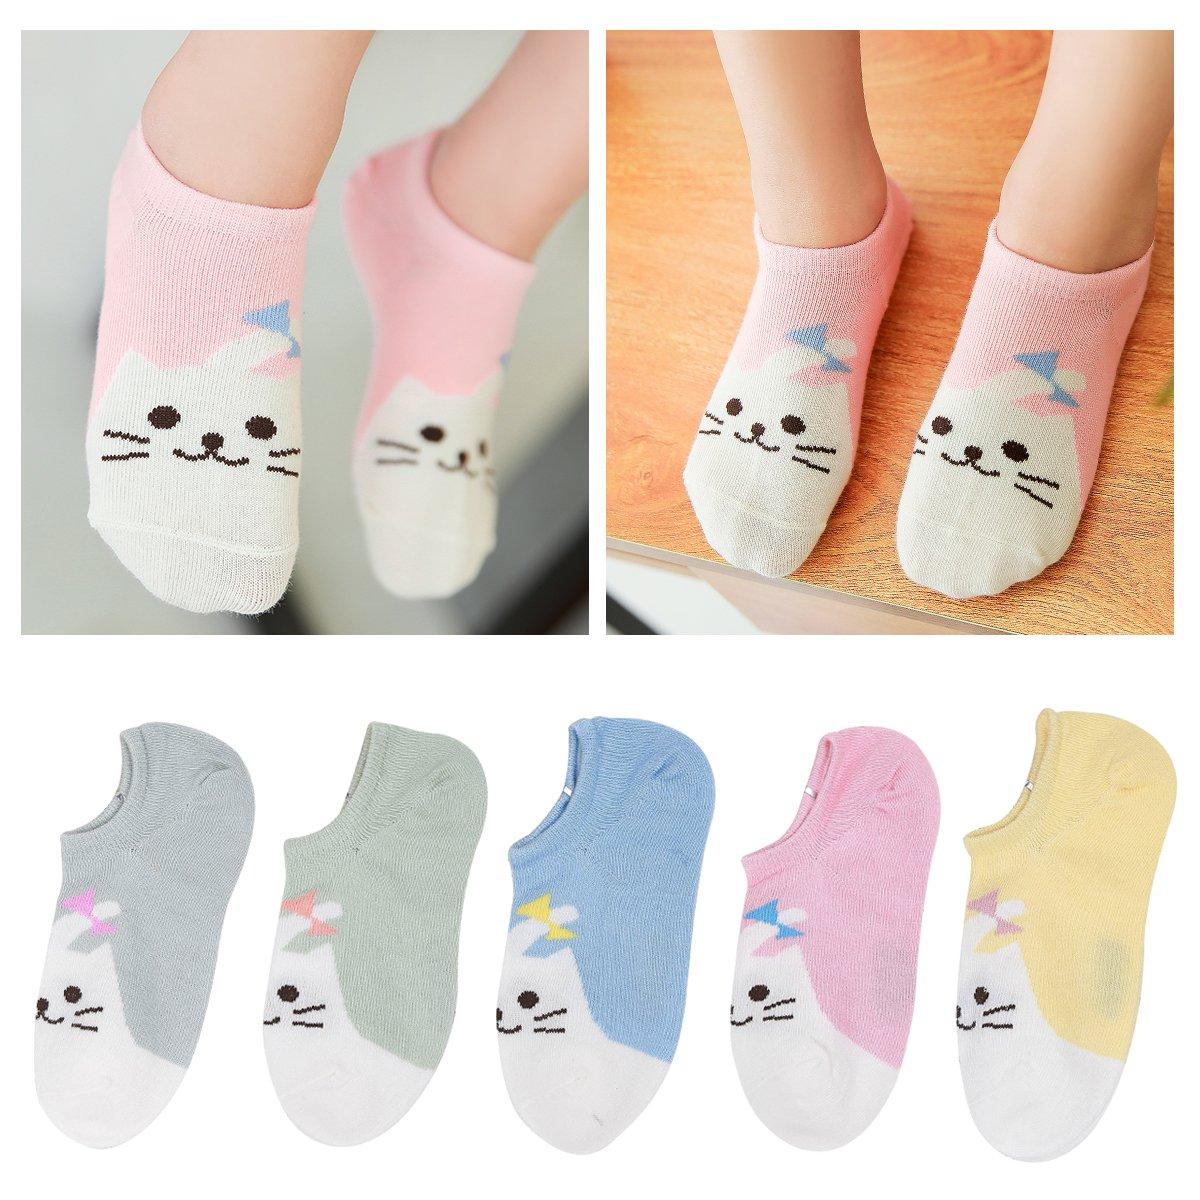 Kidstree Fashion Girls Socks Cotton Thin Toddler Crew Sock 5 Pairs Cat Large (6-8)